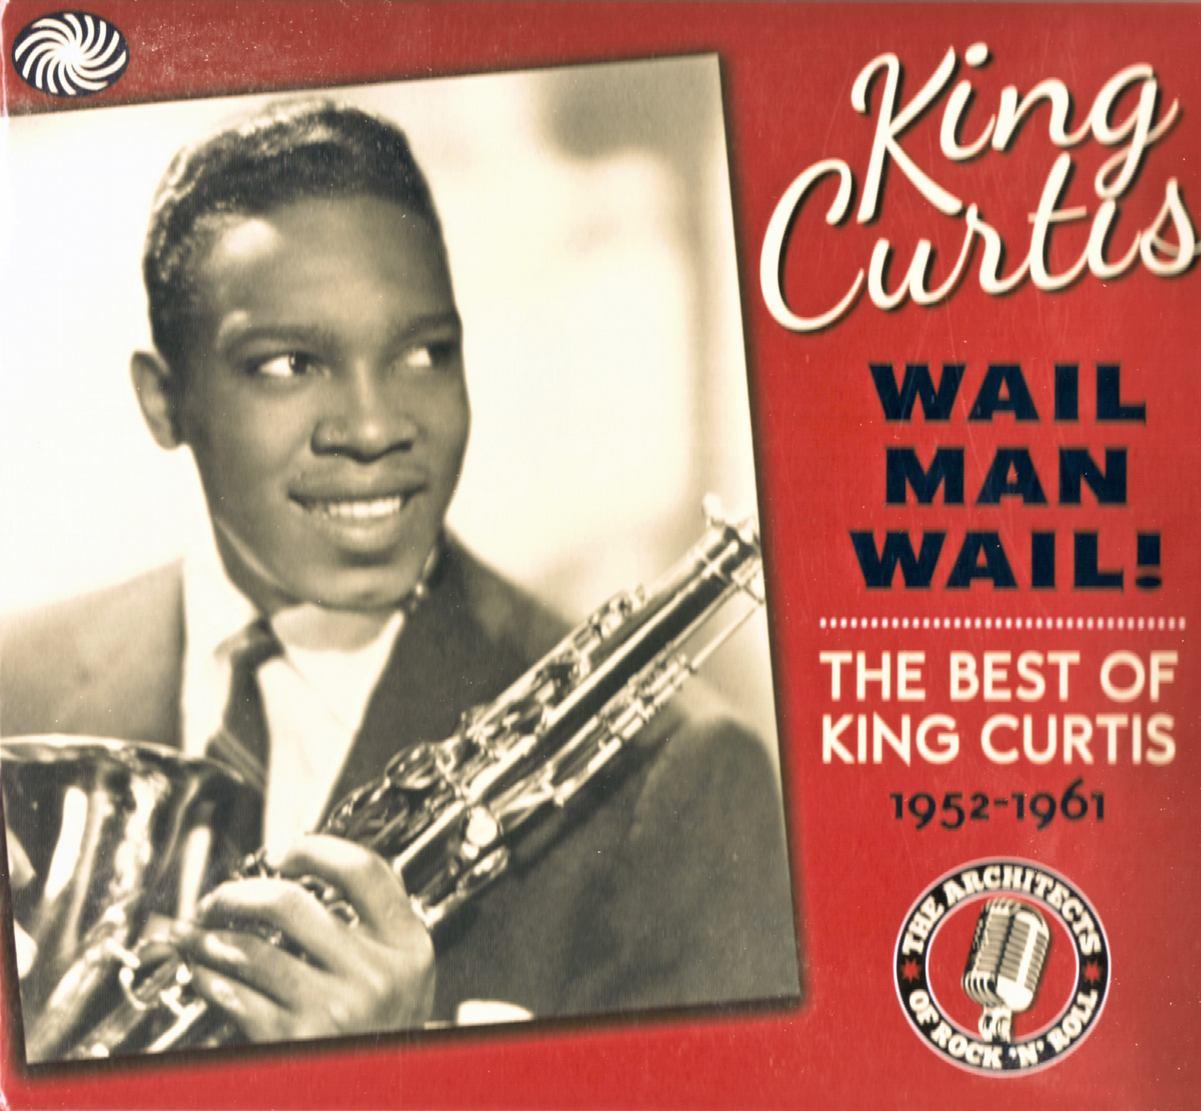 King Curtis - Wail Man Wail! - The Best Of King Curtis 1952-1961 [3CD Set] (2012) {Fantastic Voyage}